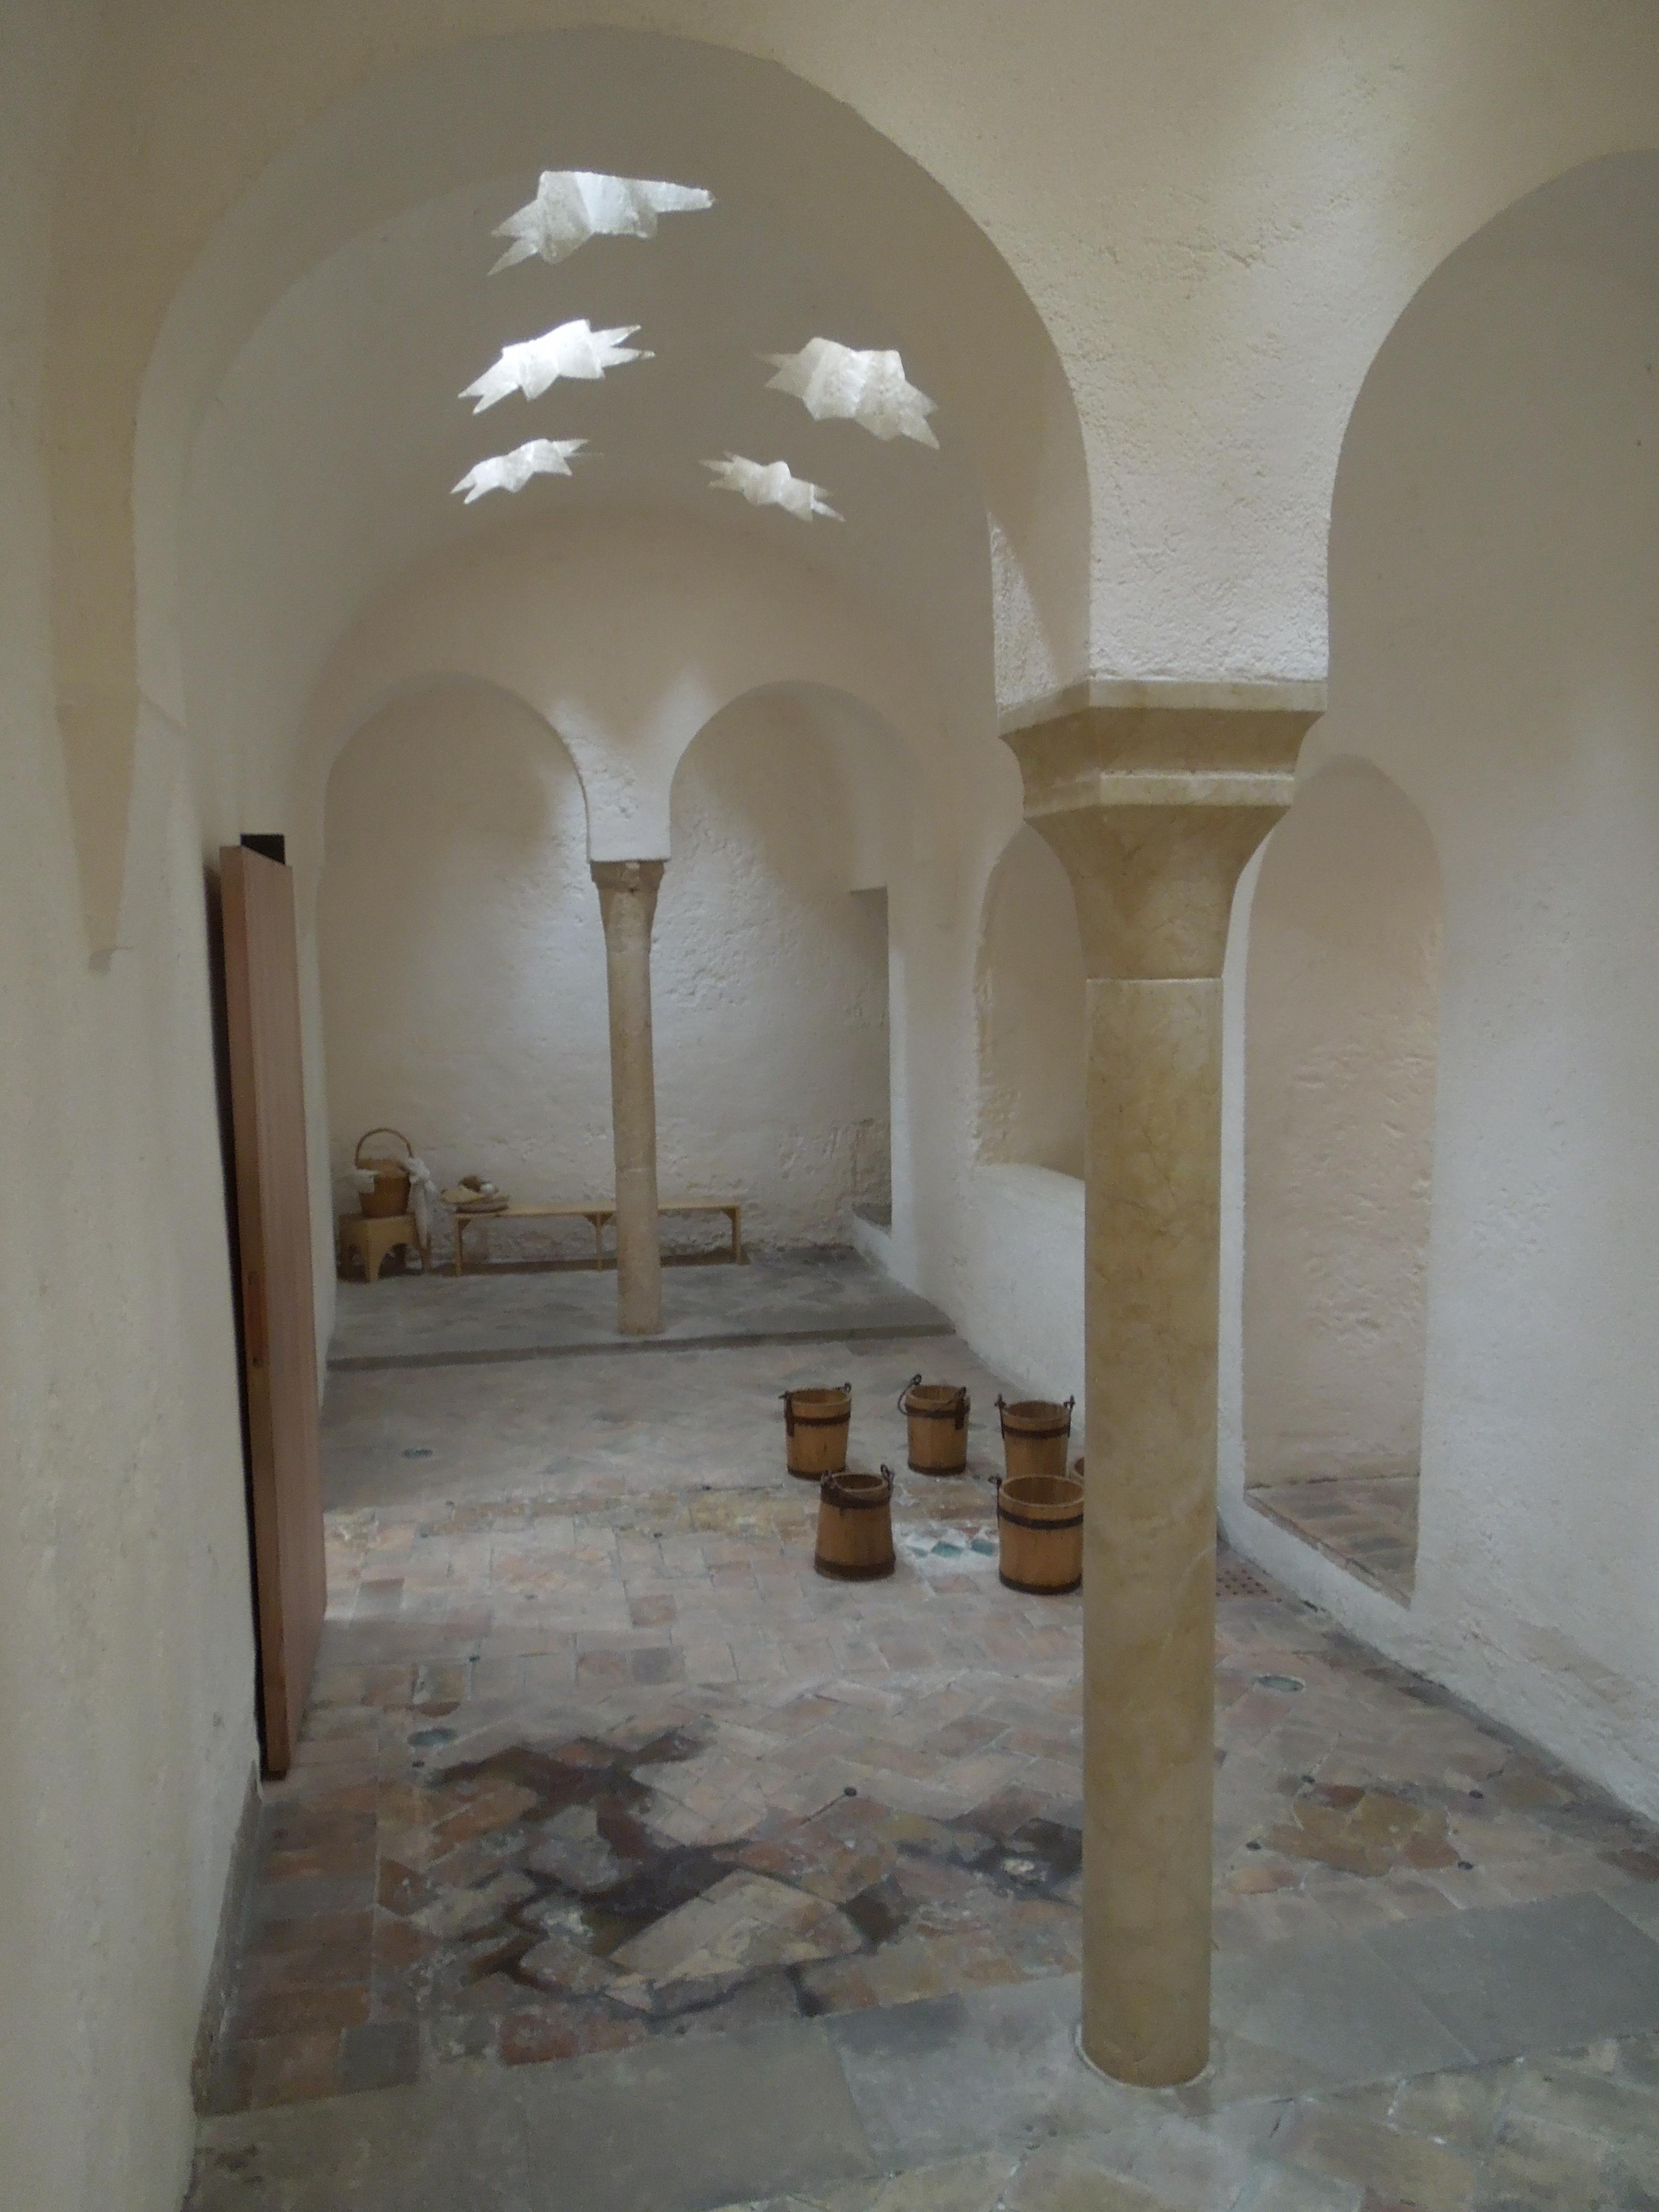 Banys de l'Almirall - Valencia